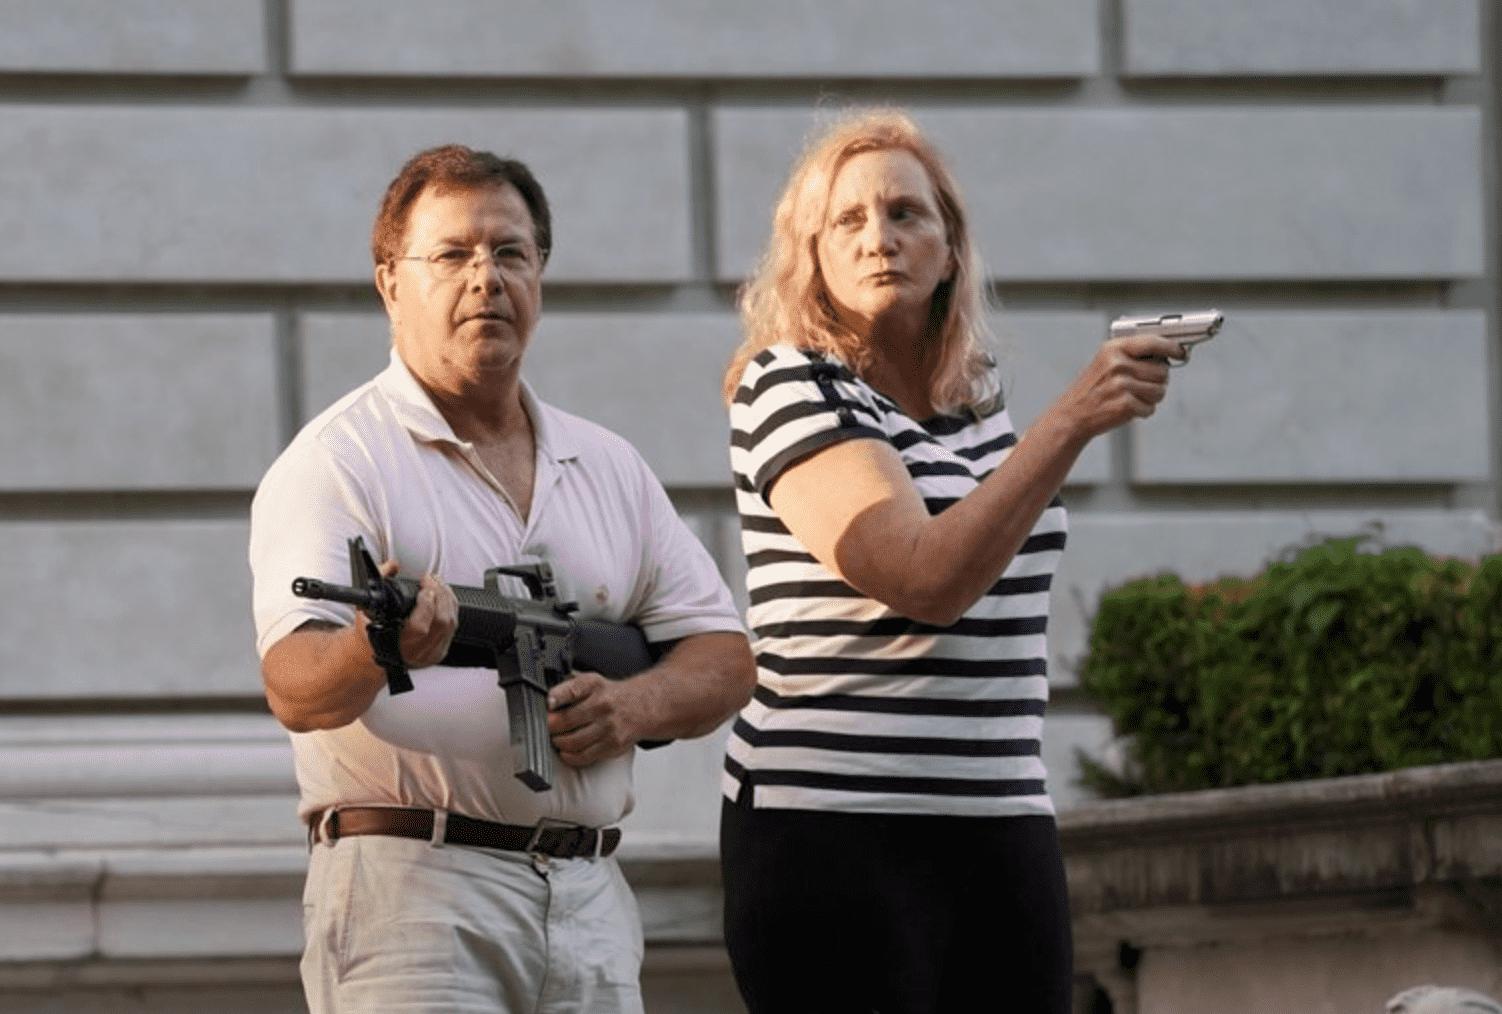 Пользователи Twitter представили пару, защищающую свой дом, вкачестве персонажей игр ифильмов